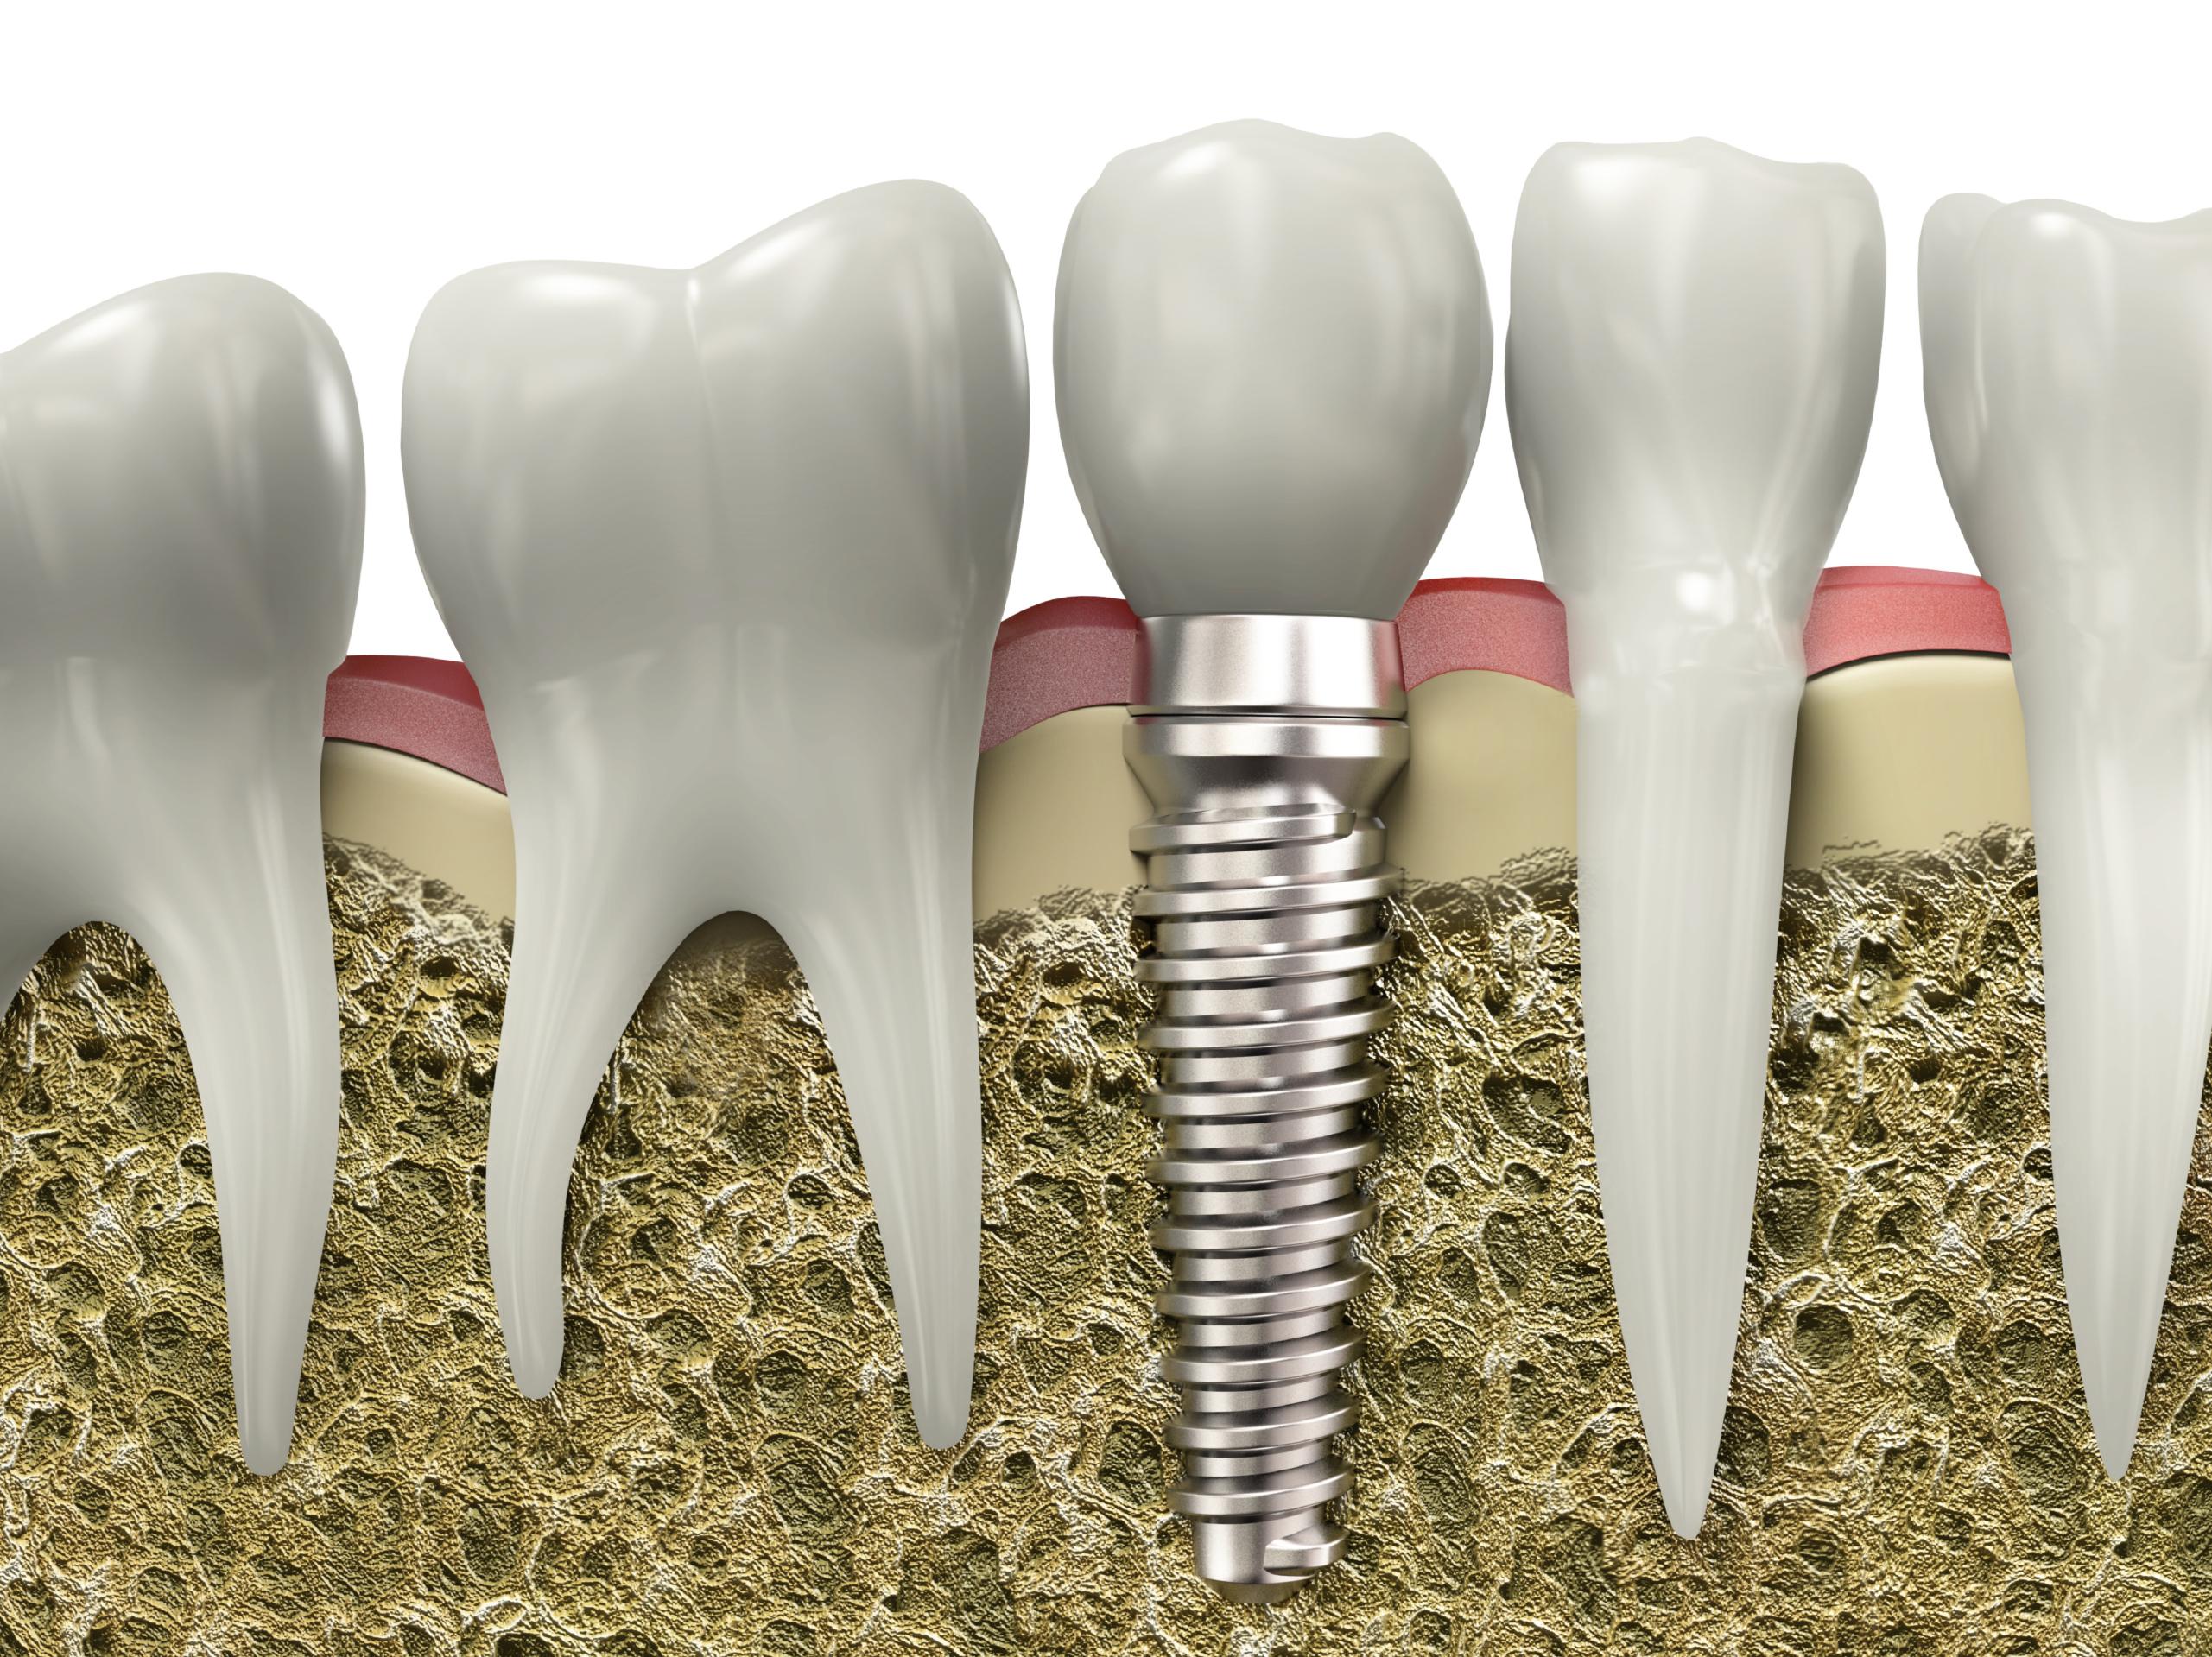 where do i go for dental implants jupiter?